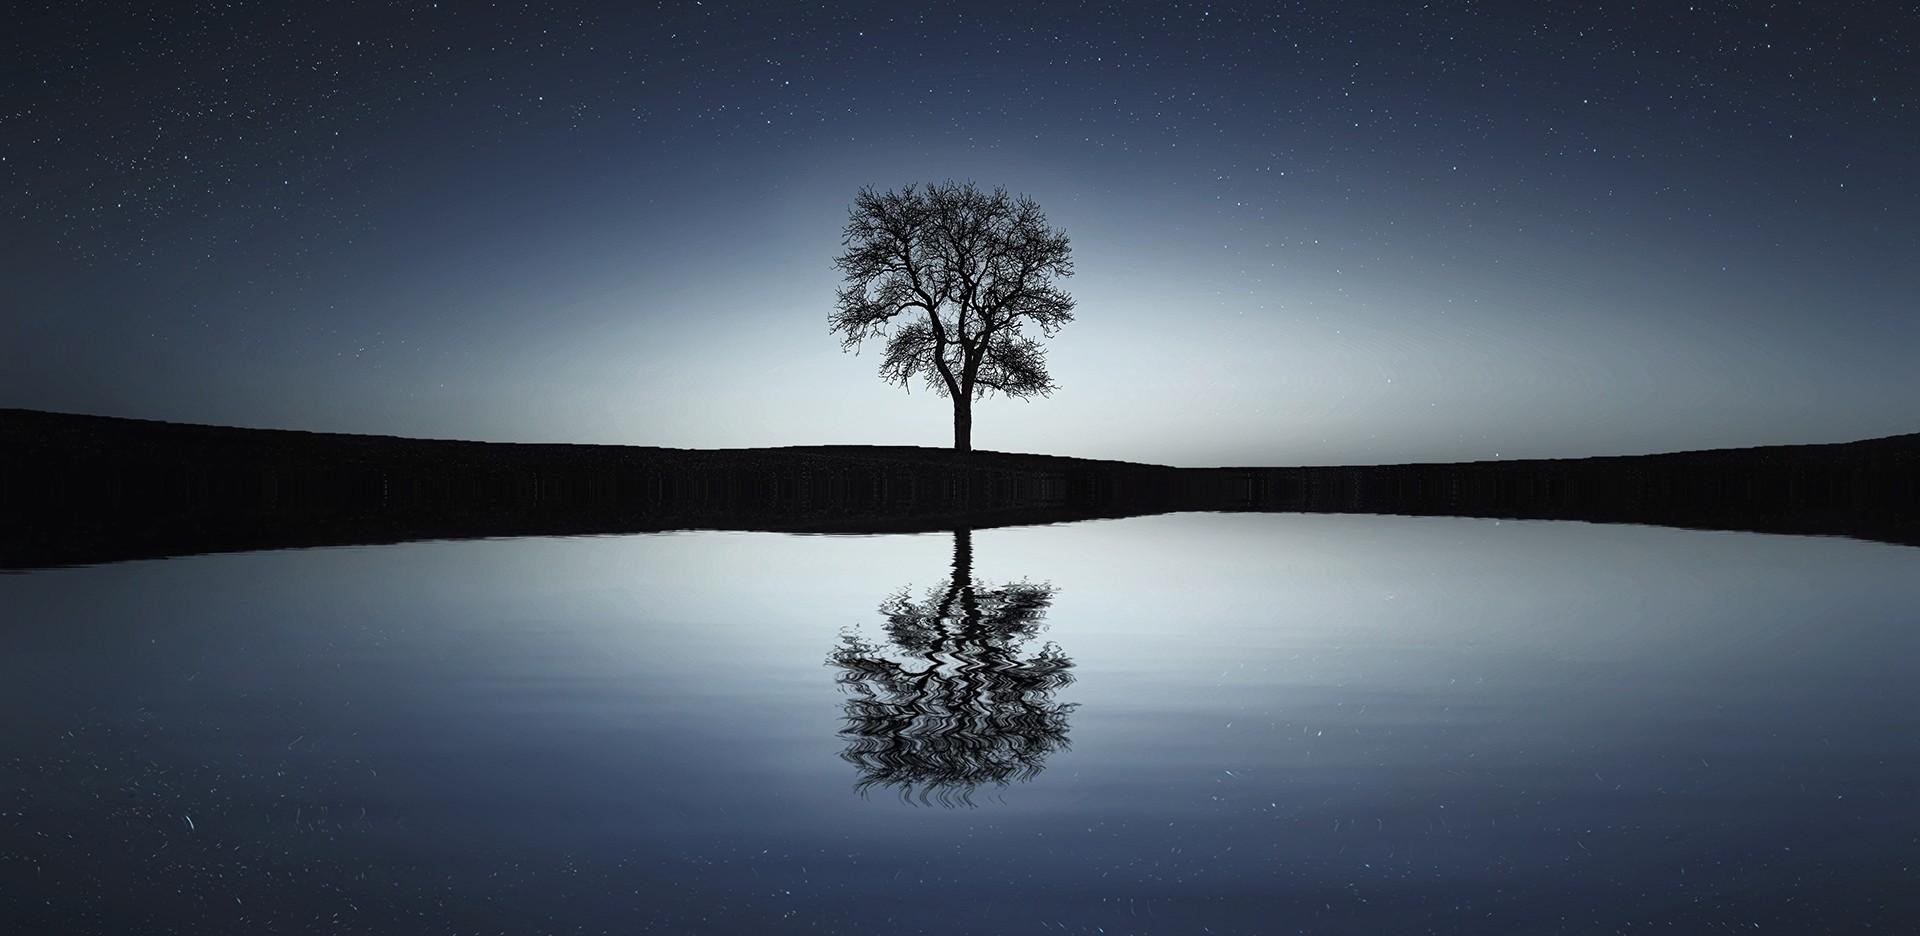 La vida es el constante encuentro con lo otro, todo aquello que no somos nosotros es otro que yo, y mediante este encuentro nos vamos descubriendo a nosotros mismos